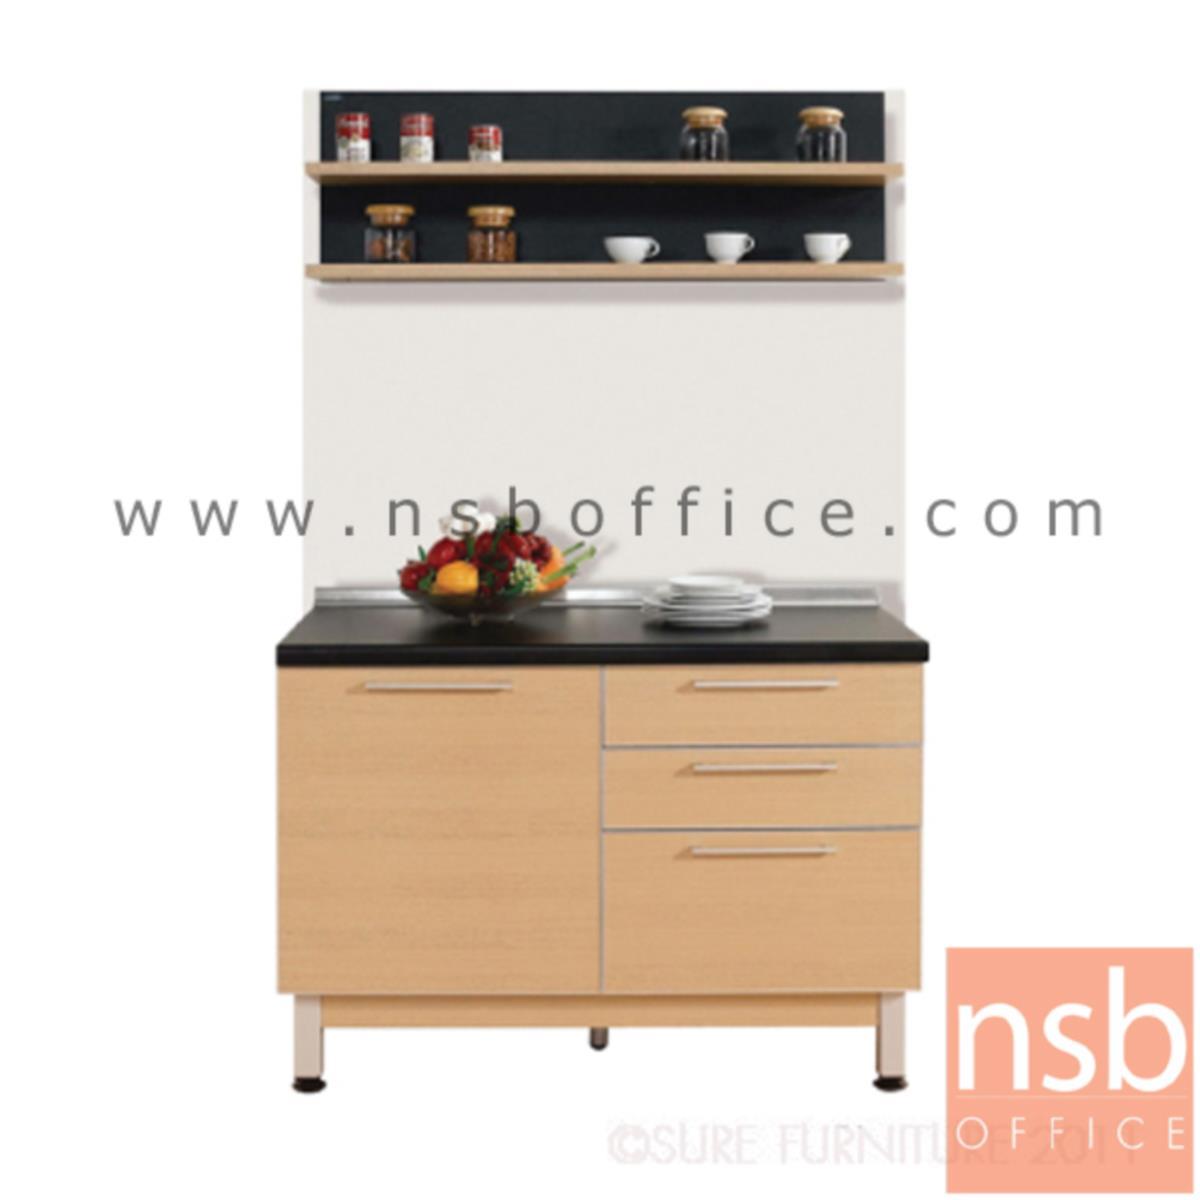 K02A010:ชุดตู้ครัวสีบีทดำ 120W cm. รุ่น Step 02 (สำหรับครัวเปียกและครัวแห้ง)